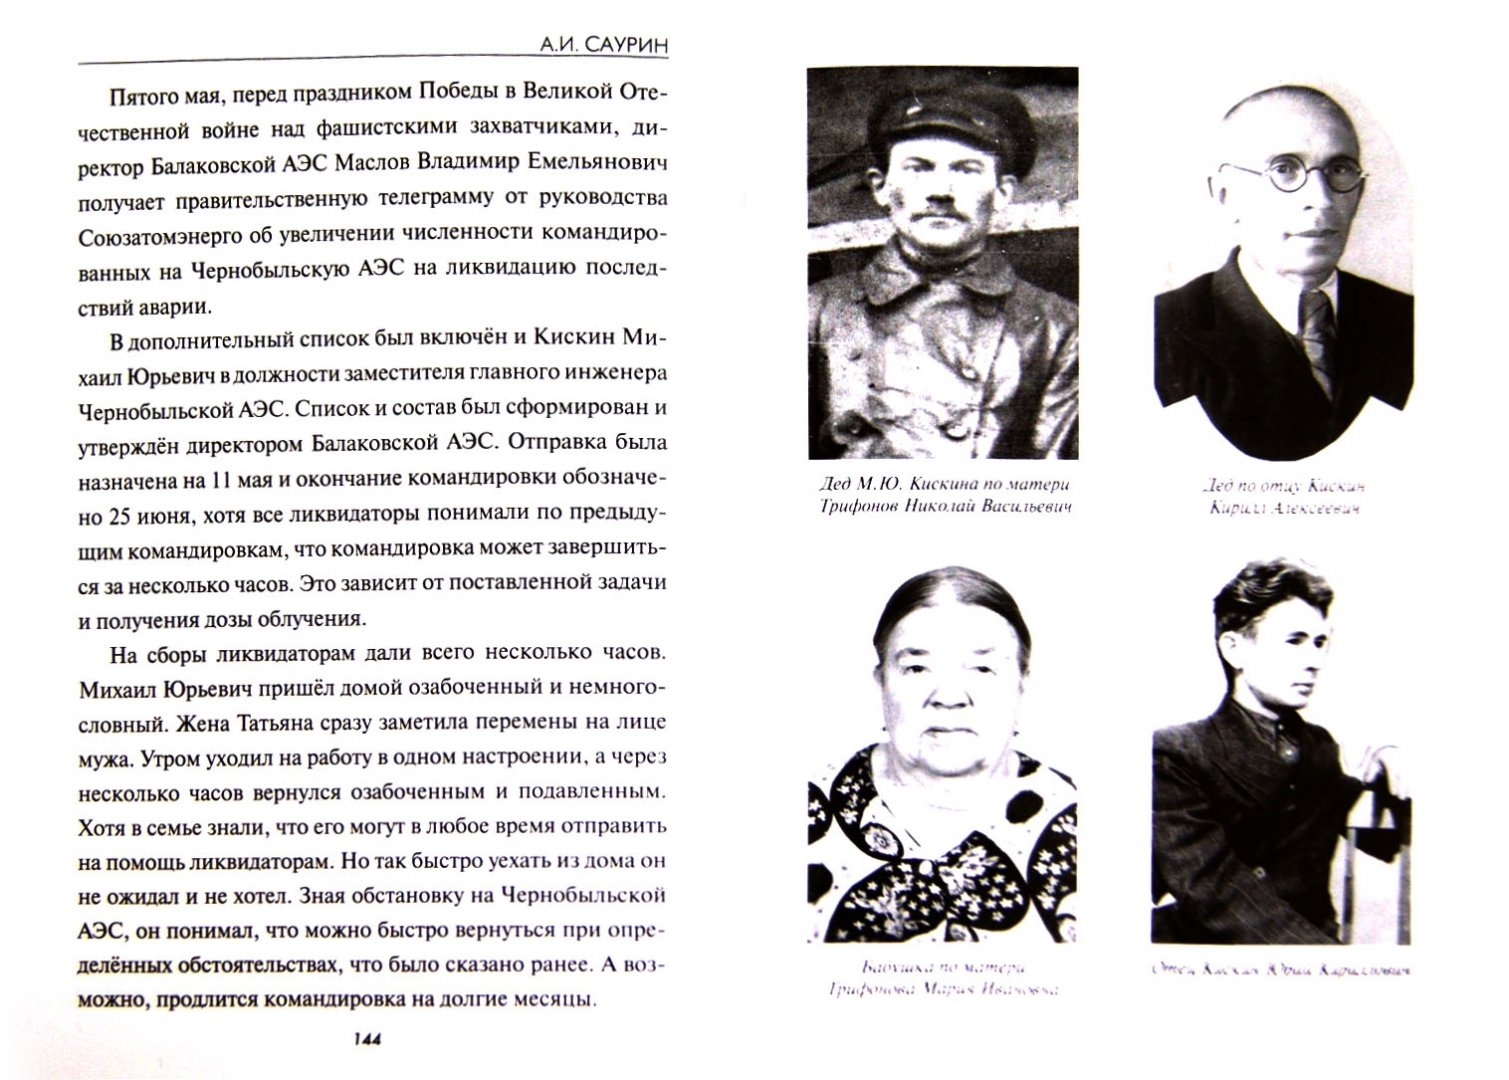 Иллюстрация 1 из 7 для До и после Чернобыля - Алексей Саурин | Лабиринт - книги. Источник: Лабиринт